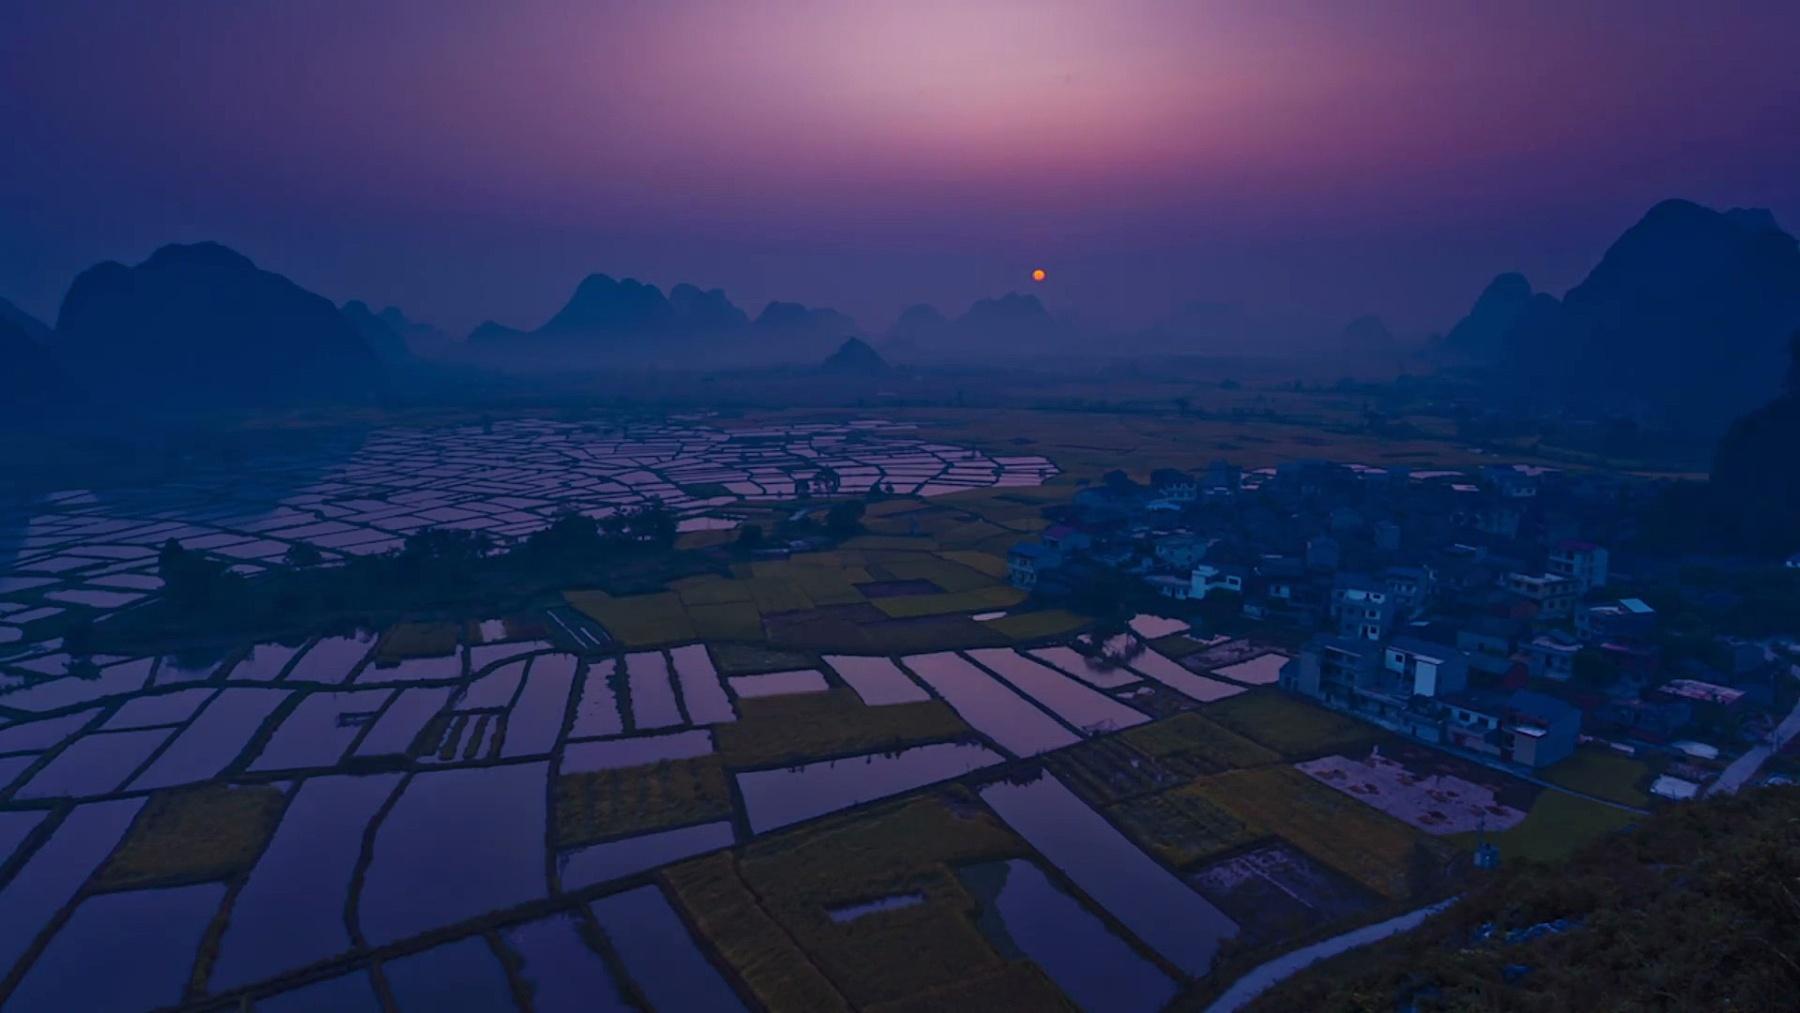 日出时的稻田